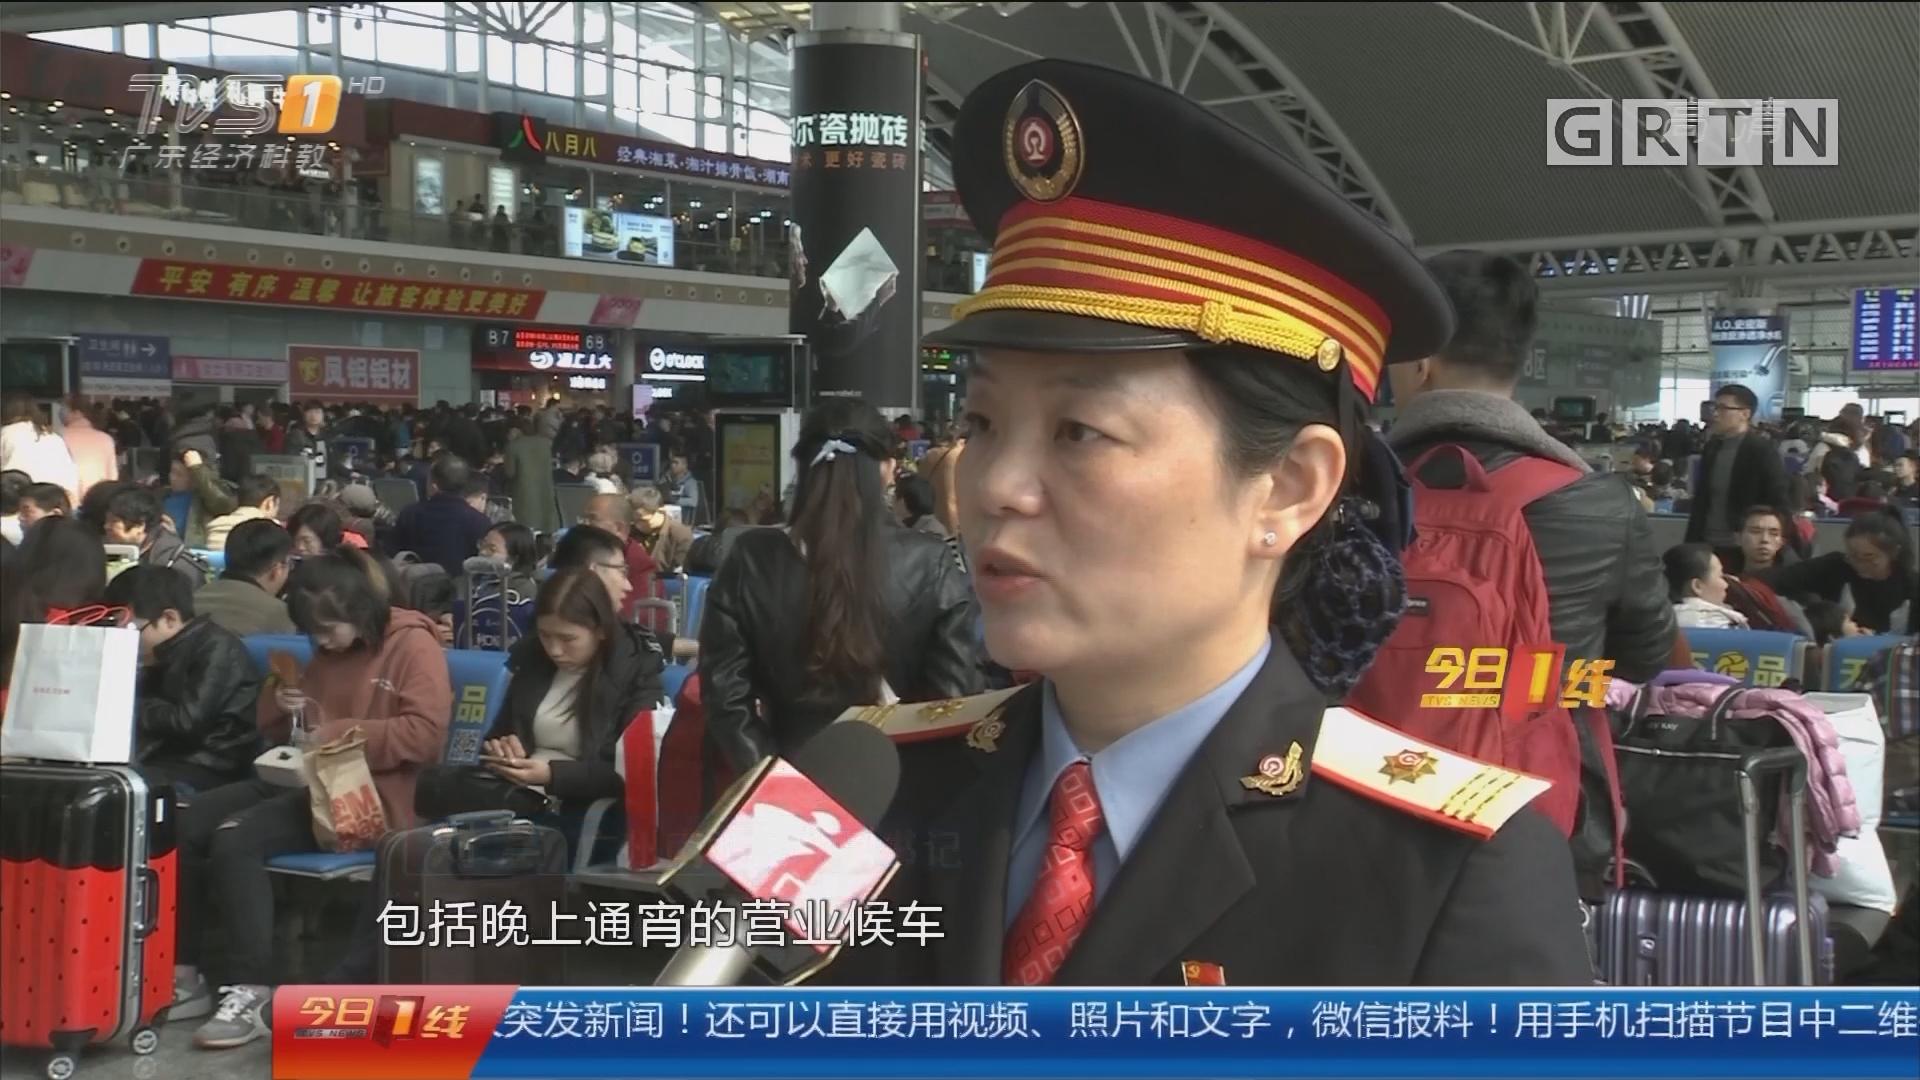 2018广东春运圆满收官:发送旅客1.89亿人次